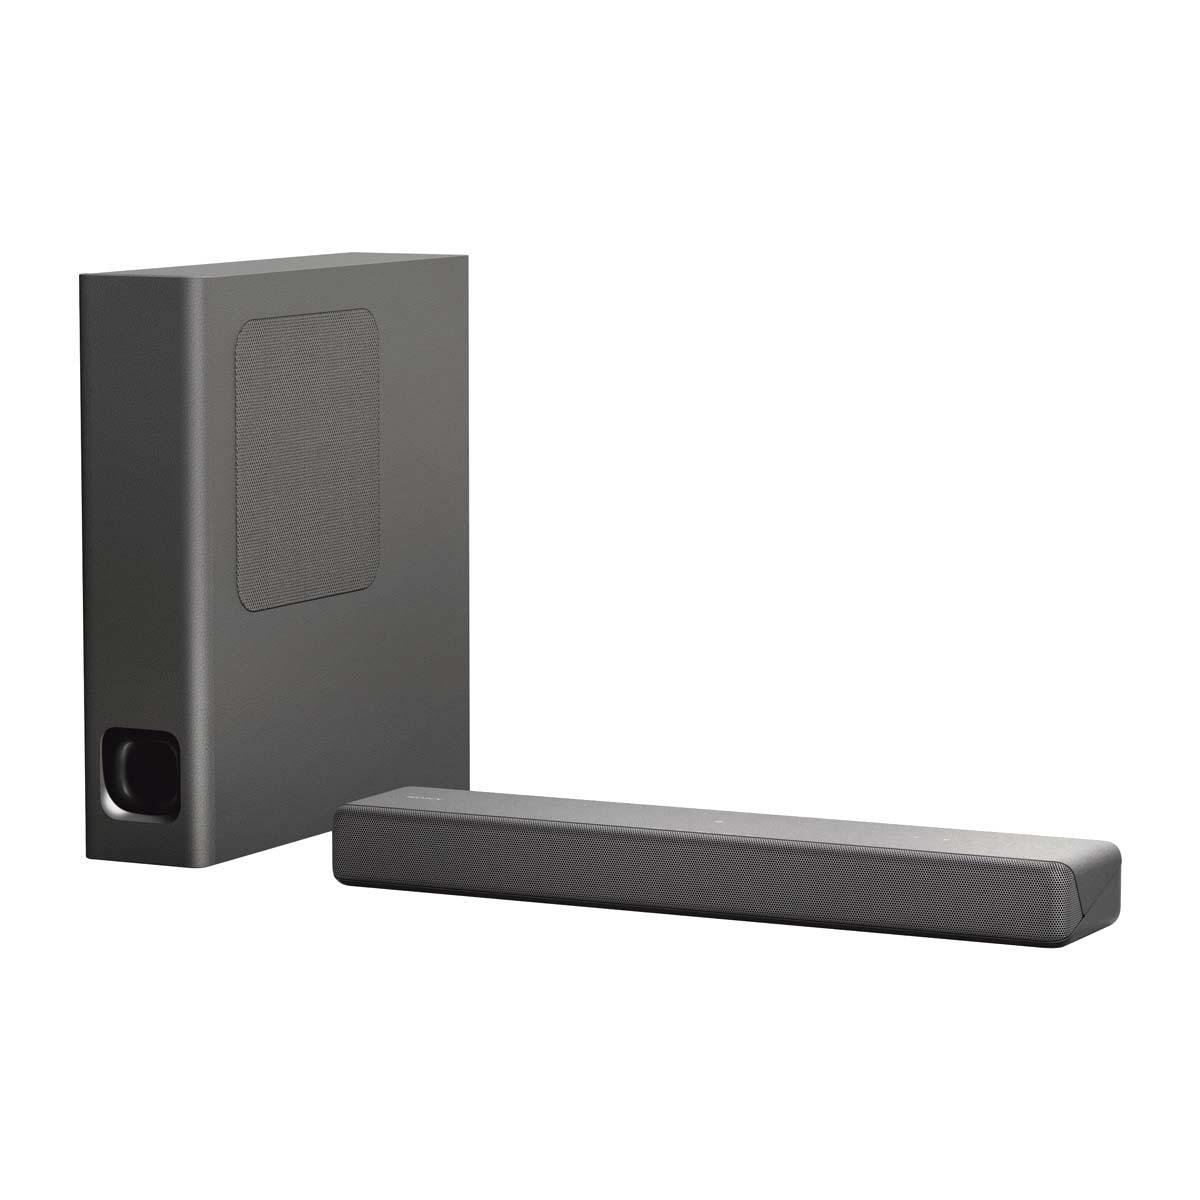 Barra de Sonido Sony HT-MT300 2.1 Bluetooth y Subwoofer inalámbrico